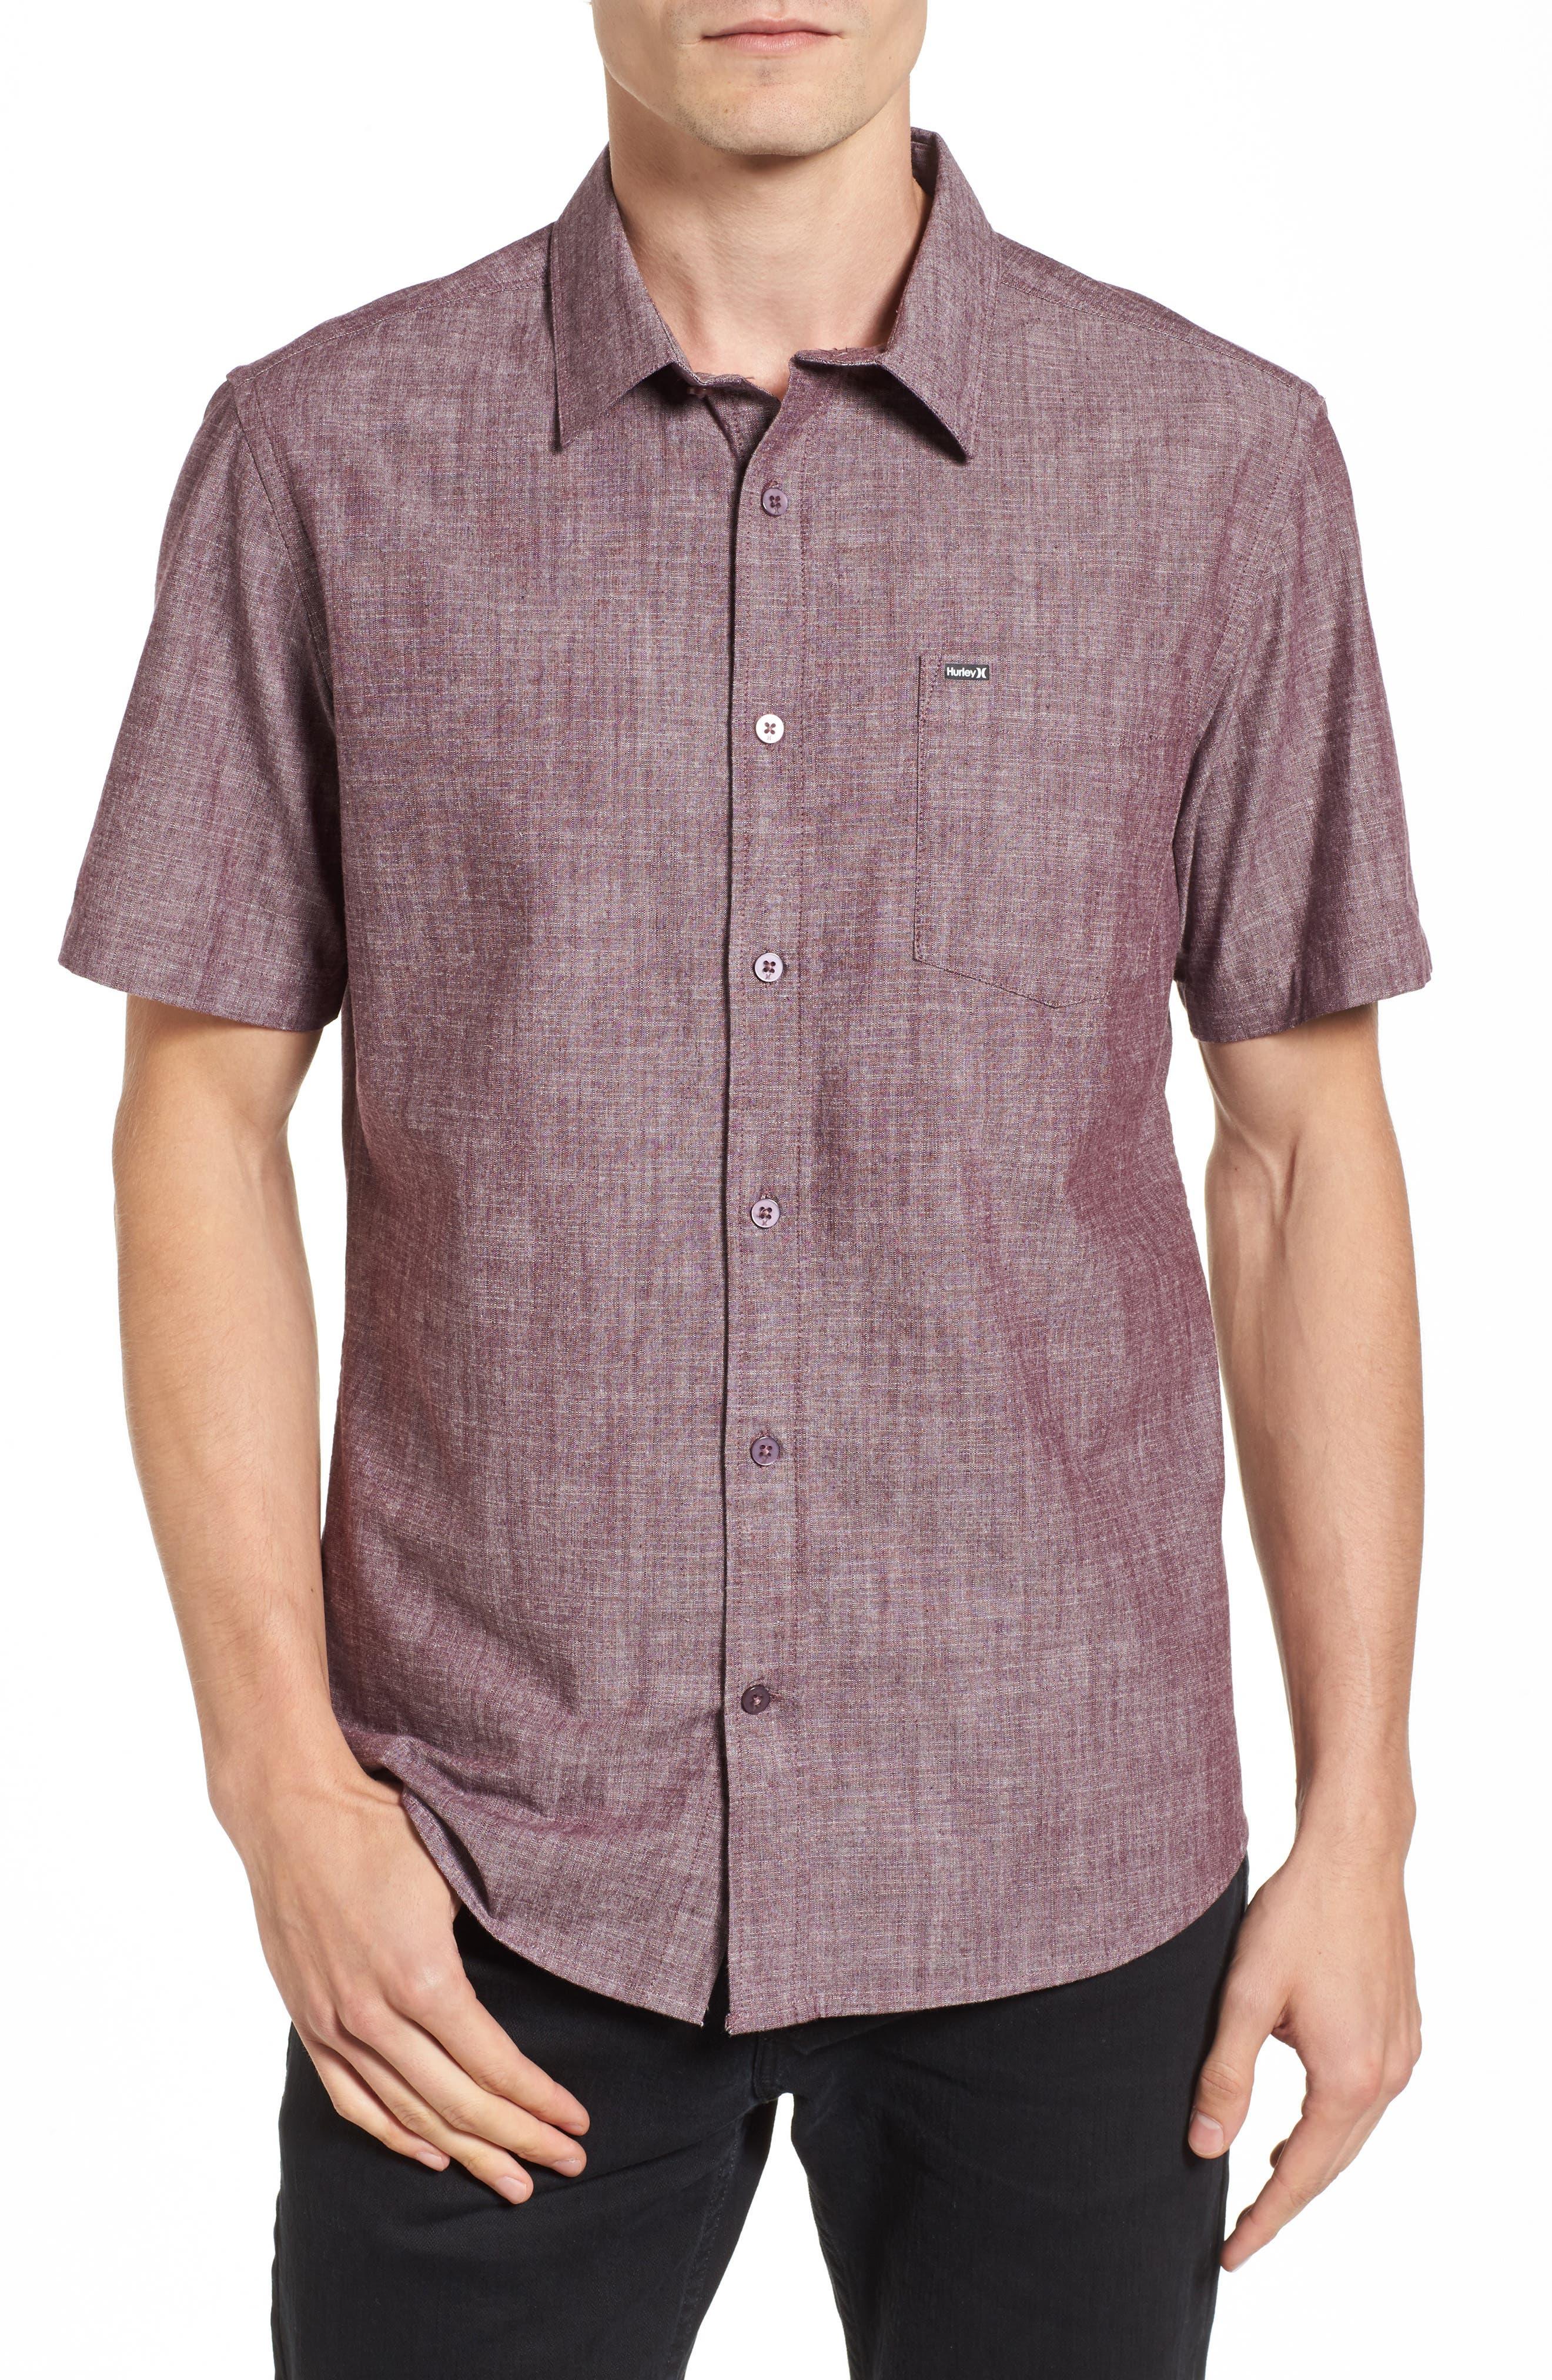 Hurley O & O 3.0 Woven Shirt